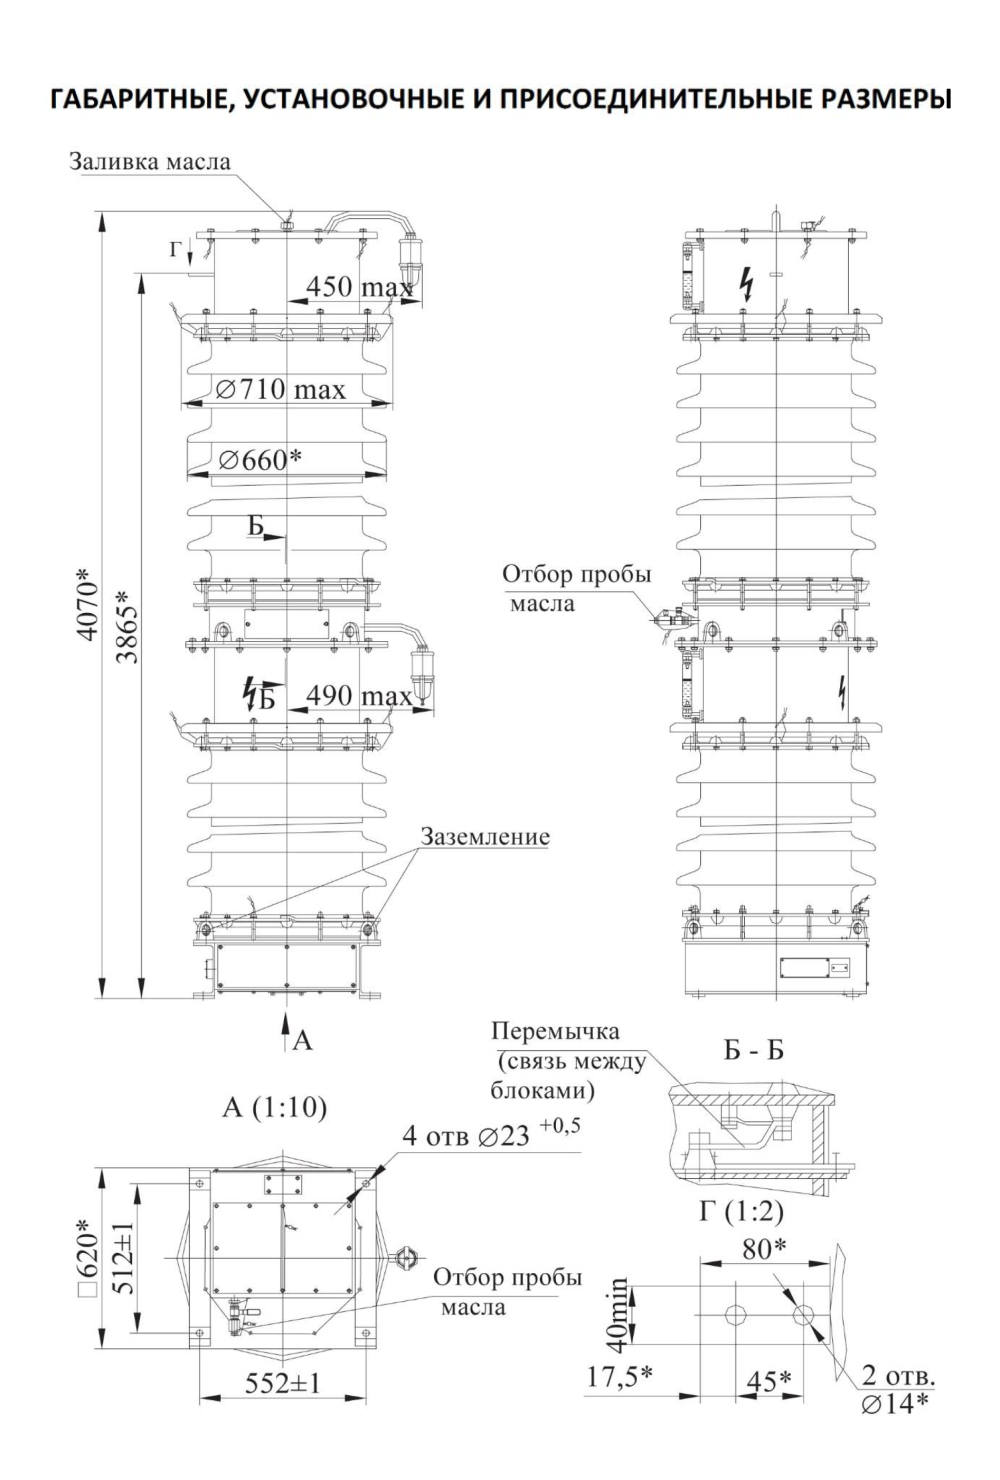 НКФА – 170 IV УХЛ1 0,2_1